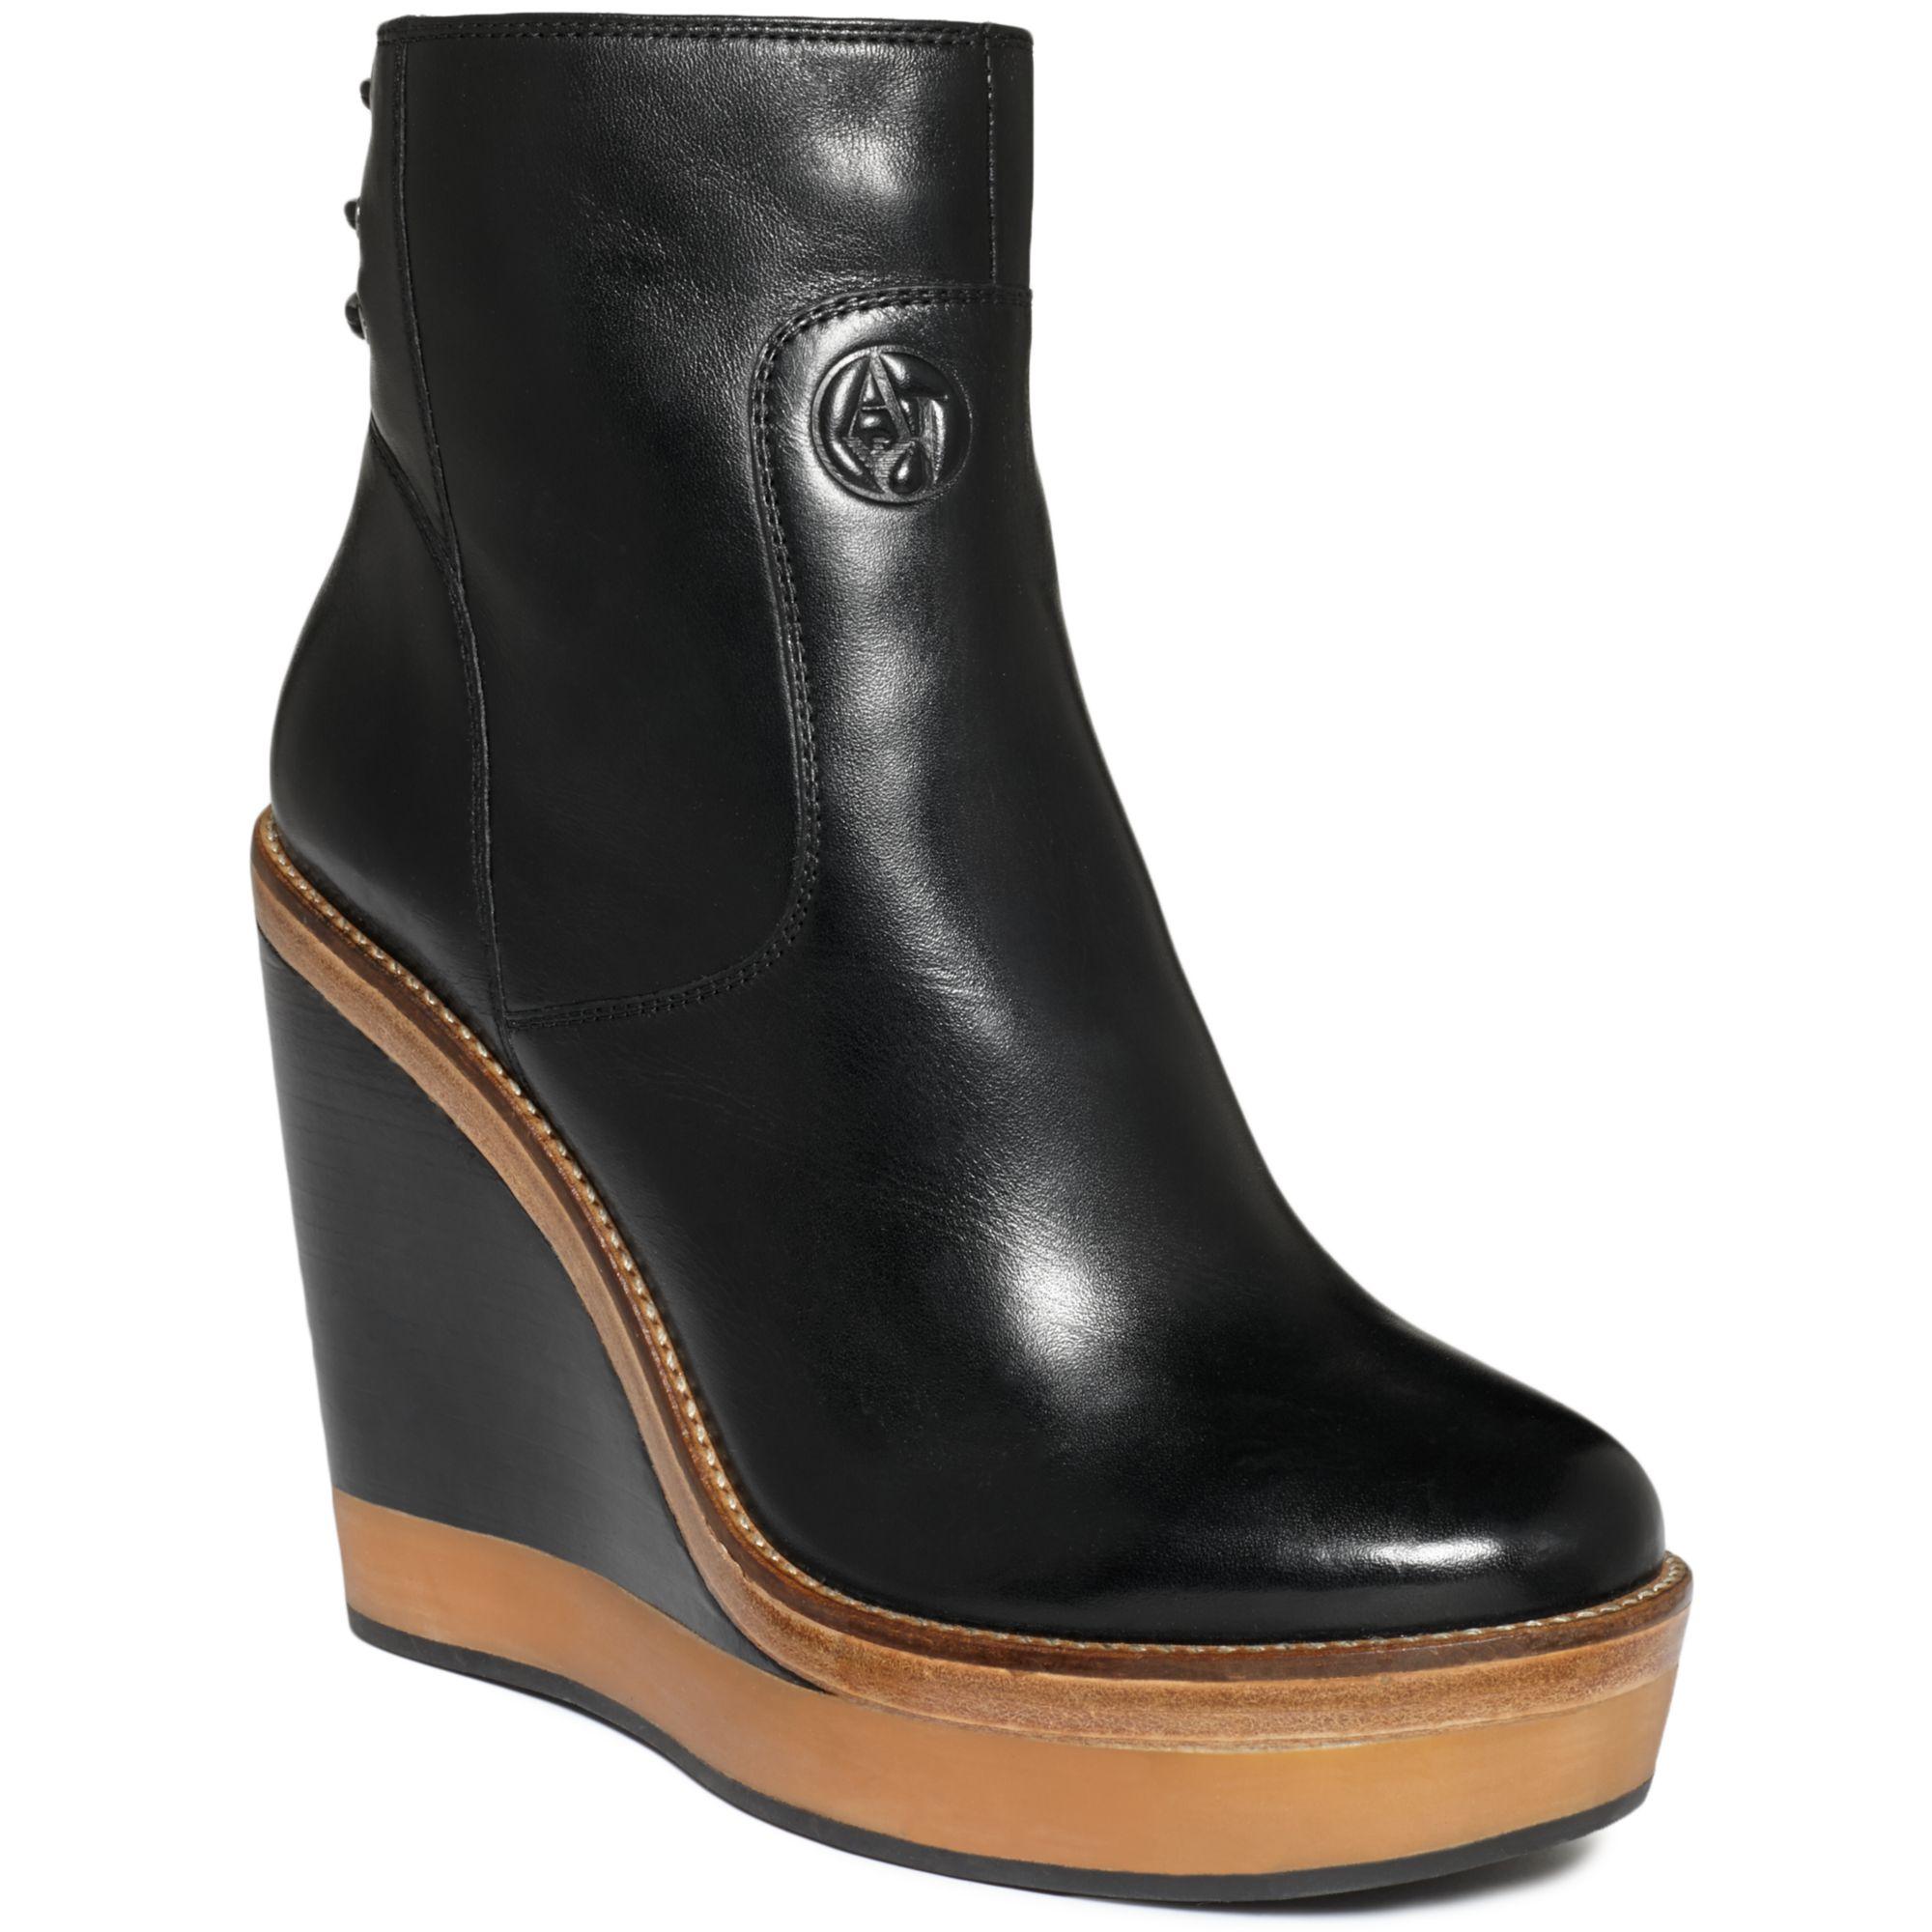 Armani jeans Platform Wedge Booties in Black | Lyst